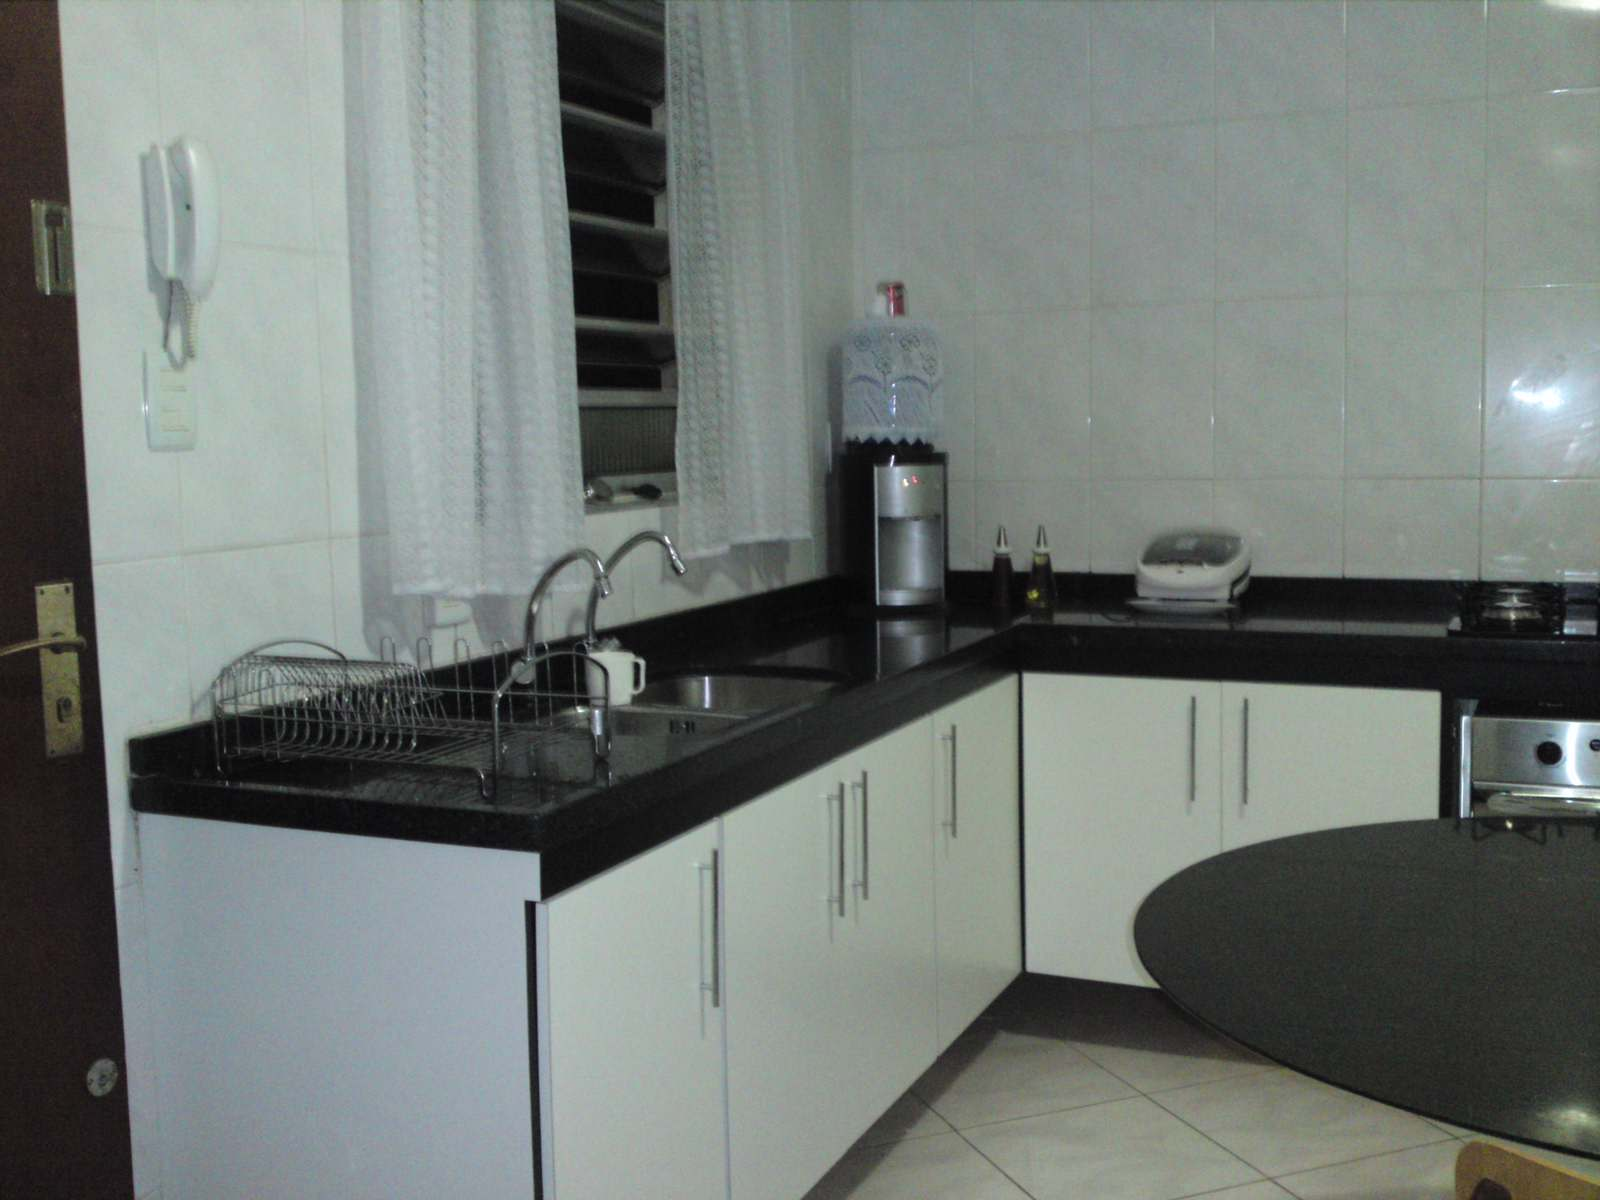 Móveis JNBA: Cozinha Planejada #5B4E35 1600 1200